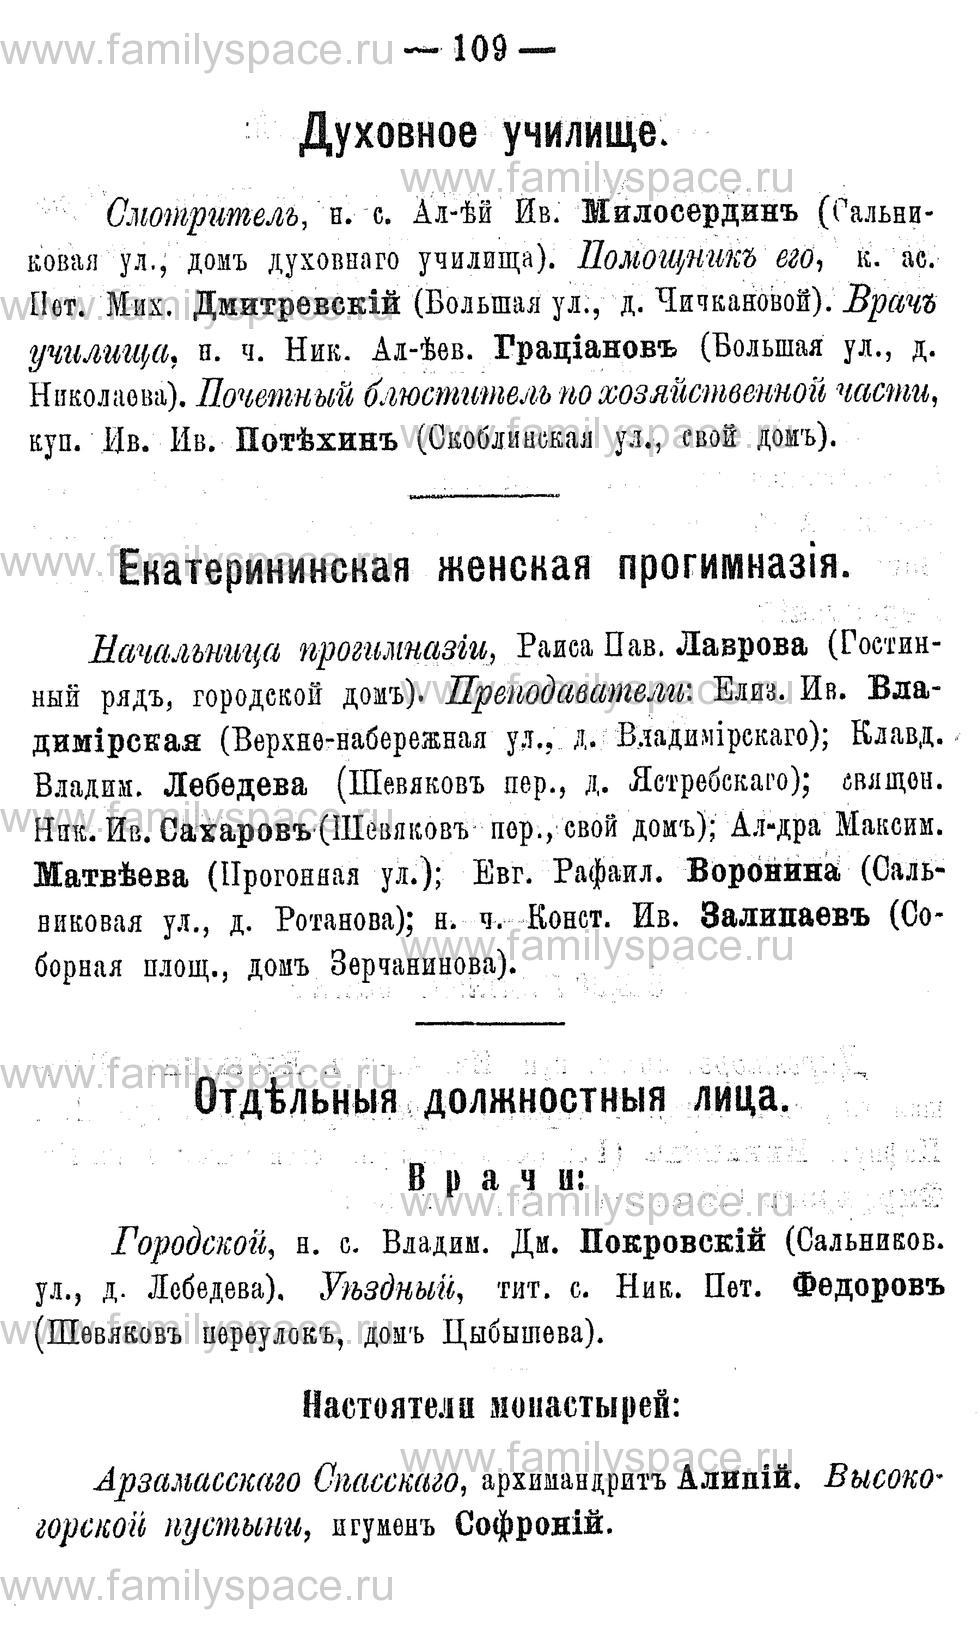 Поиск по фамилии - Адрес-календарь Нижегородской губернии на 1891 год, страница 109